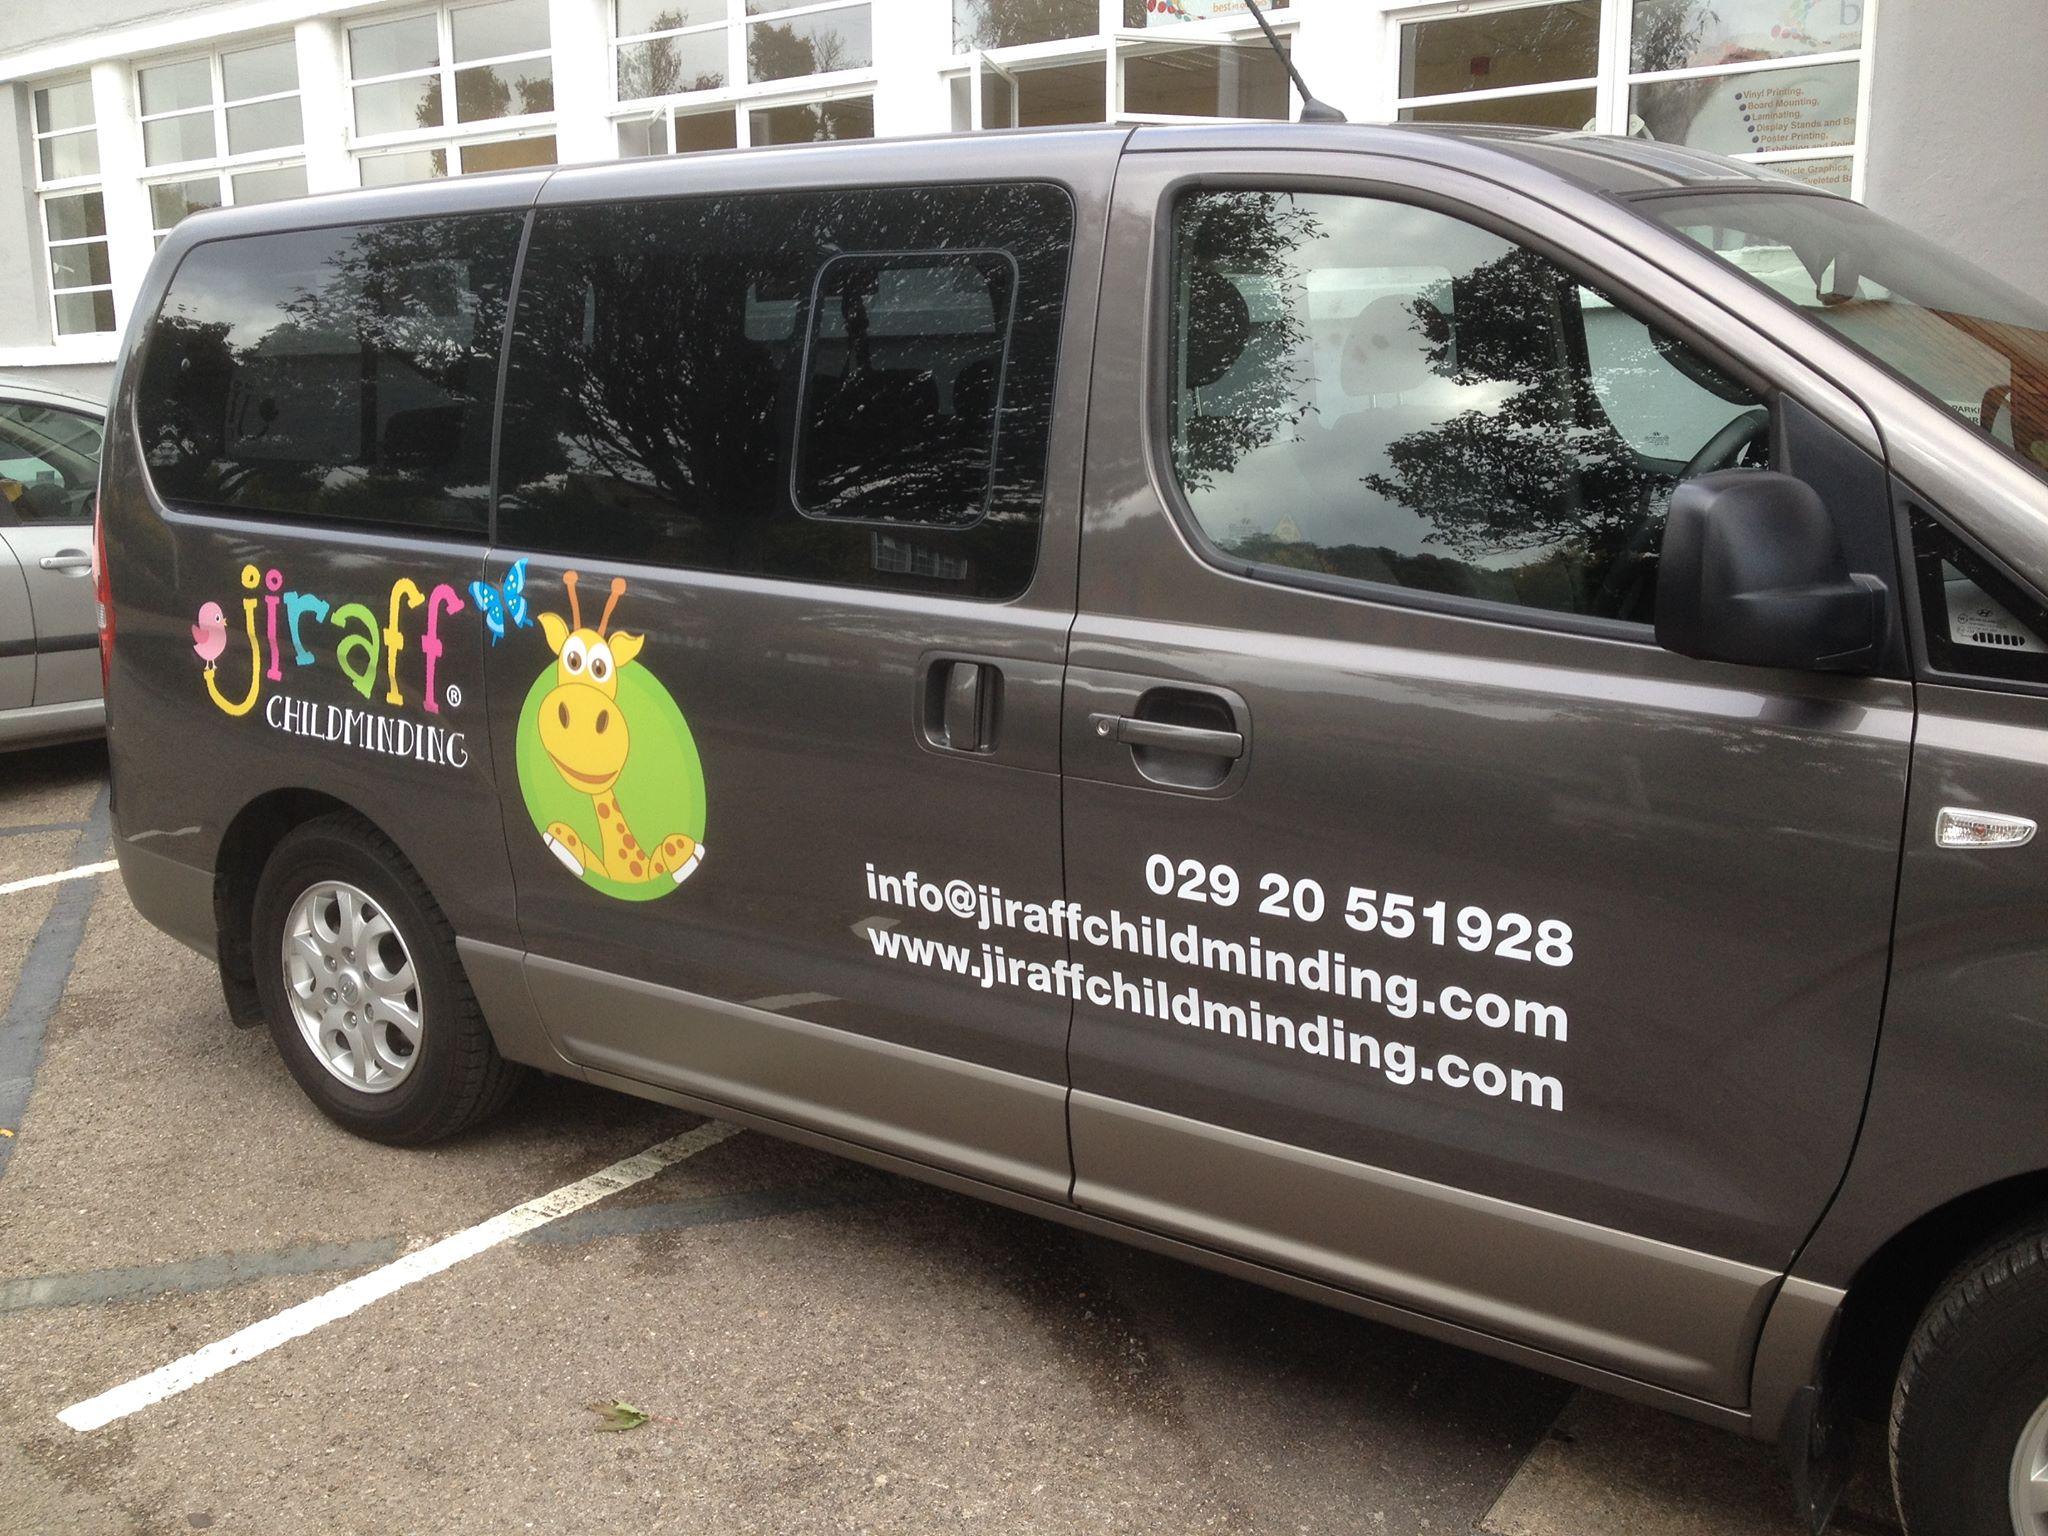 jiraff-childminding-vehicle-graphics.jpg